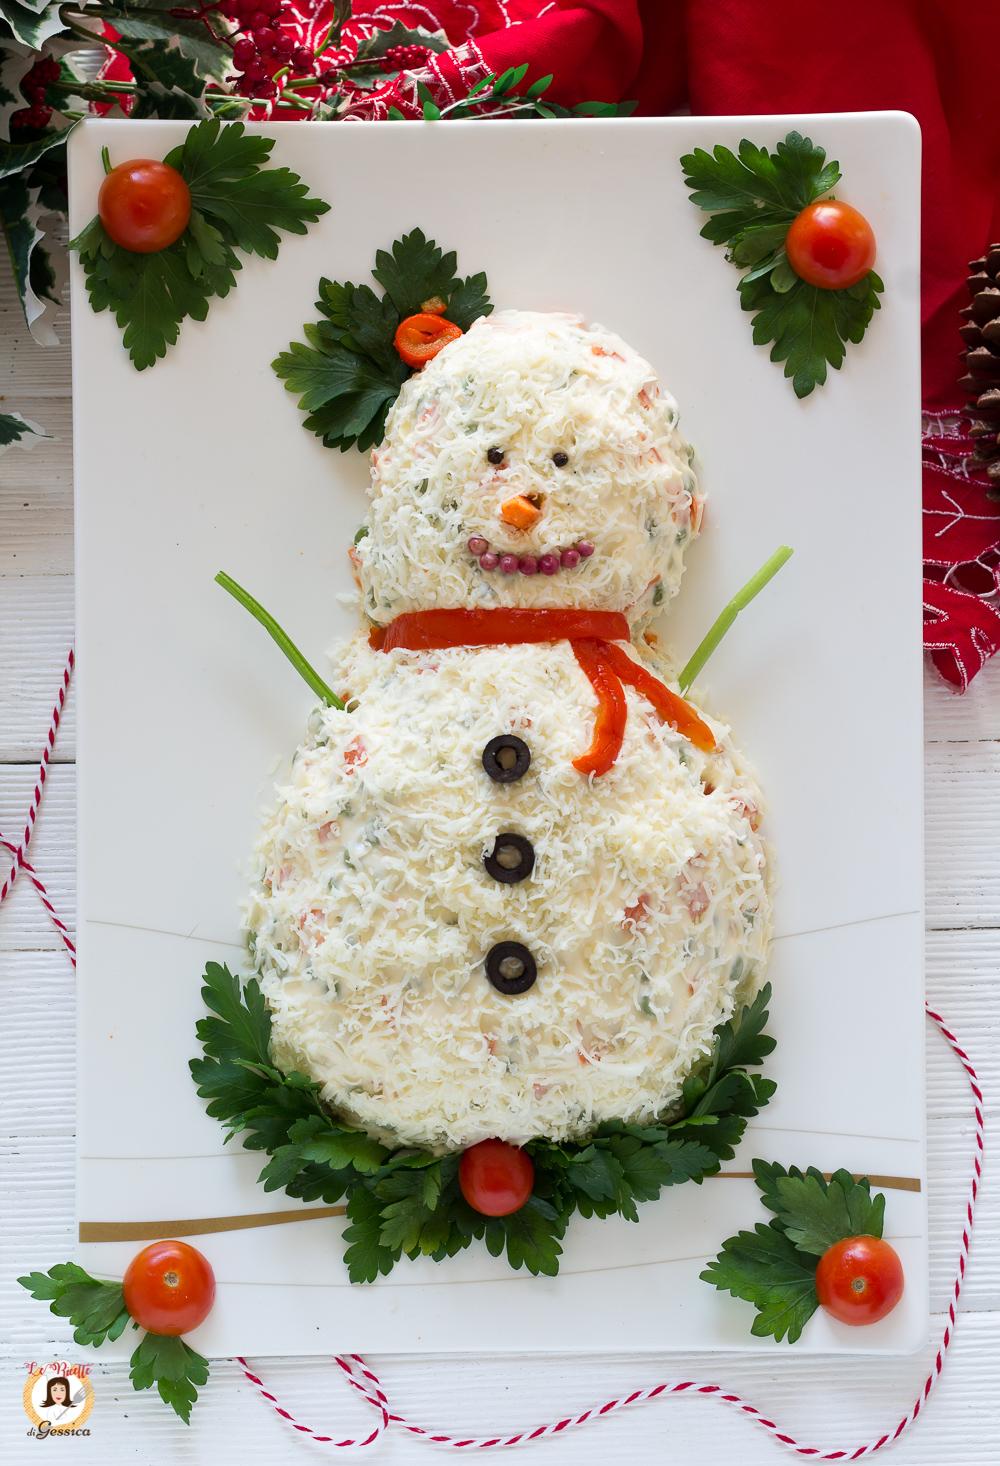 Antipasti Di Natale Insalata Russa.Antipasto Pupazzo Di Neve Ricetta Natalizia Facile Contorno Centrotavola